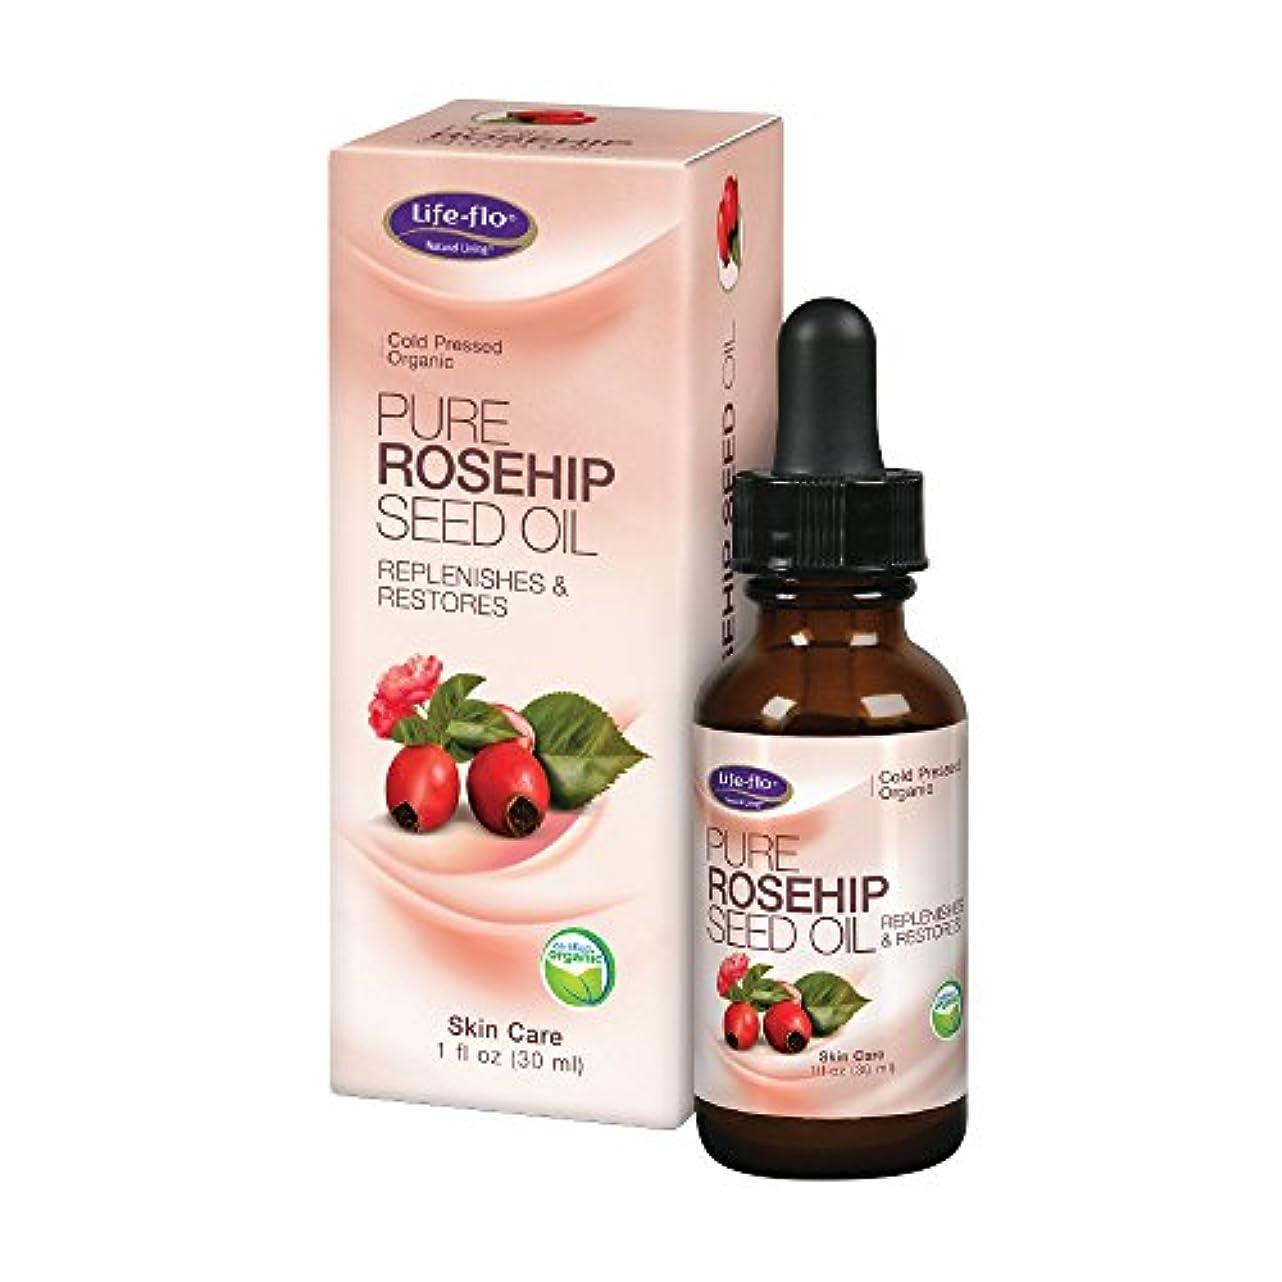 恩恵船乗り無効海外直送品 Life-Flo Pure Rosehip Seed Oil, 1 oz